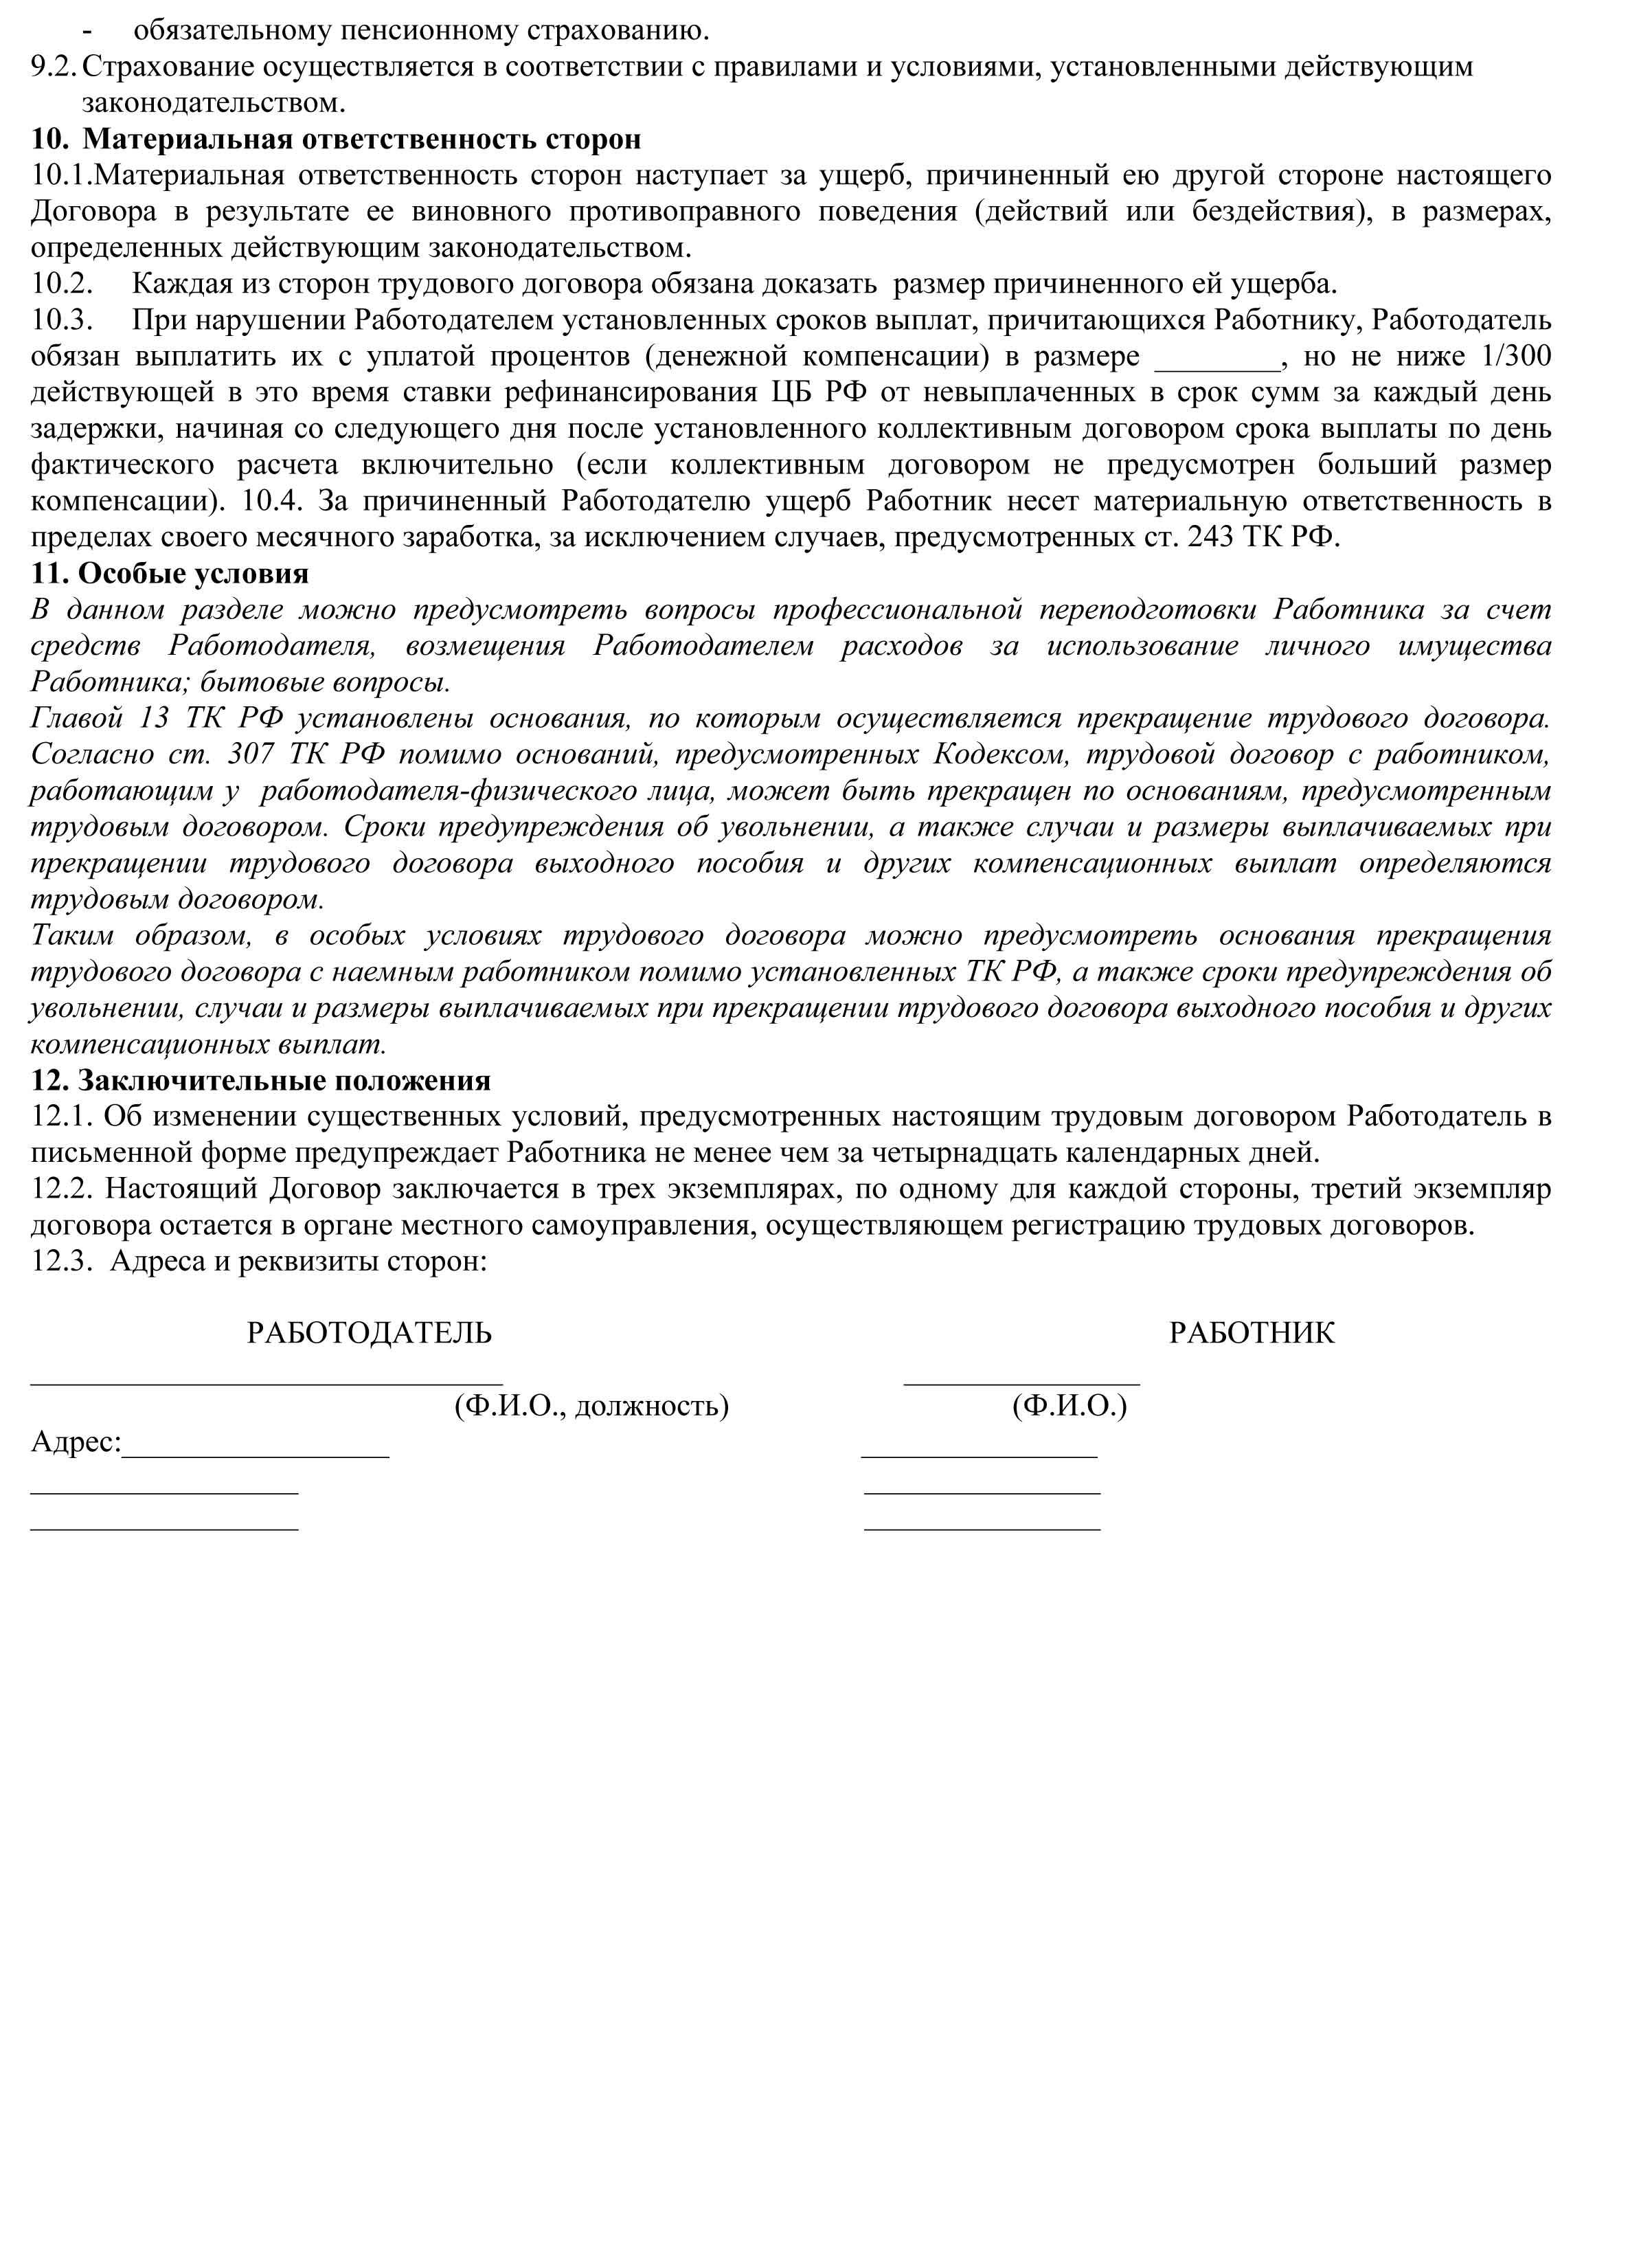 5.-Бланк-трудового-договора-с-работником---стр3